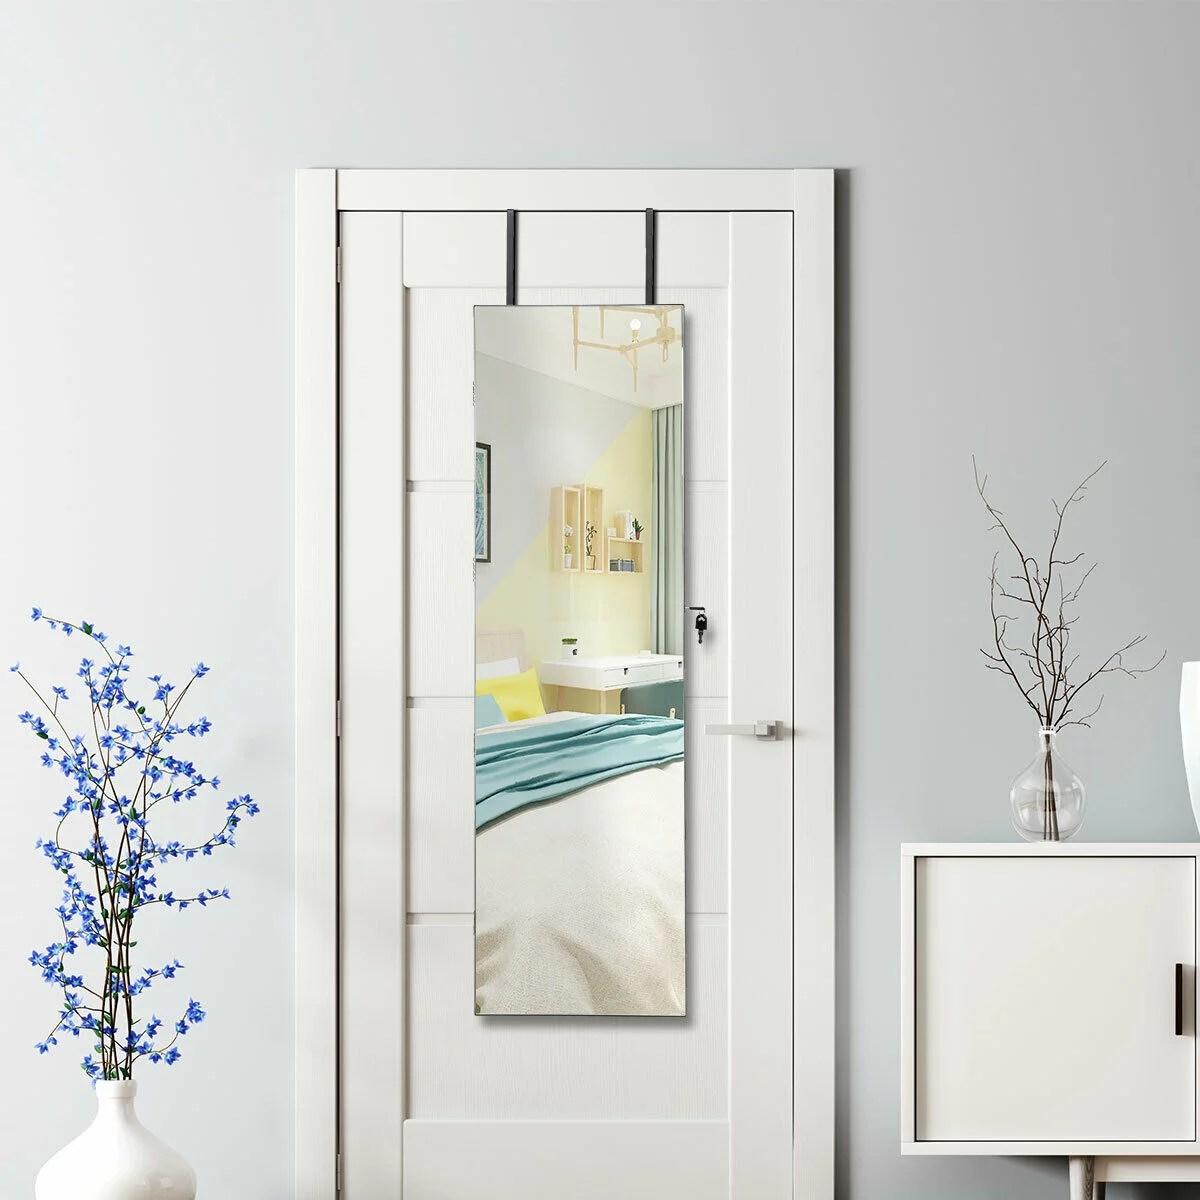 Gymax Armoire A Bijoux Murale Avec Lumiere Led Et Miroir Accrochee A La Porte 36 X 10 X 120 Cm Walmart Canada